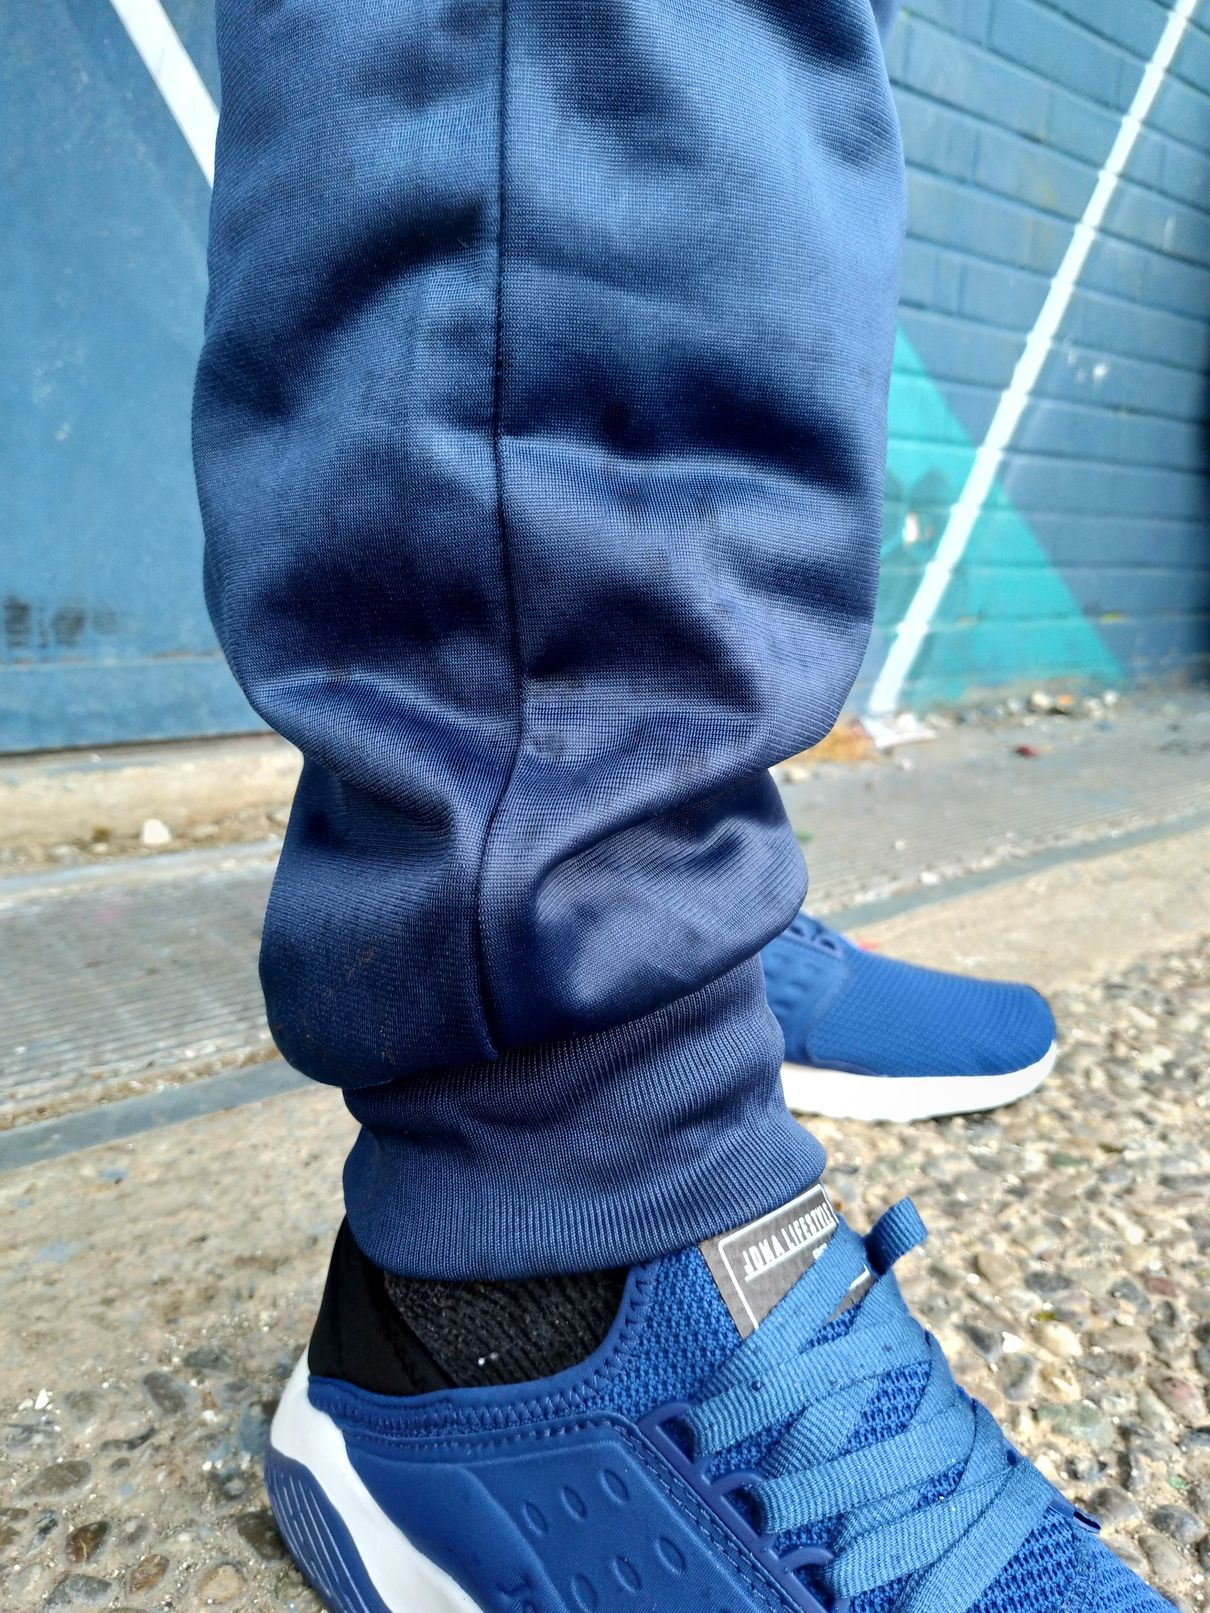 Joma-Survetement-Training-academie-Homme-avec-des-poches-Cheville-a-proximite miniature 10